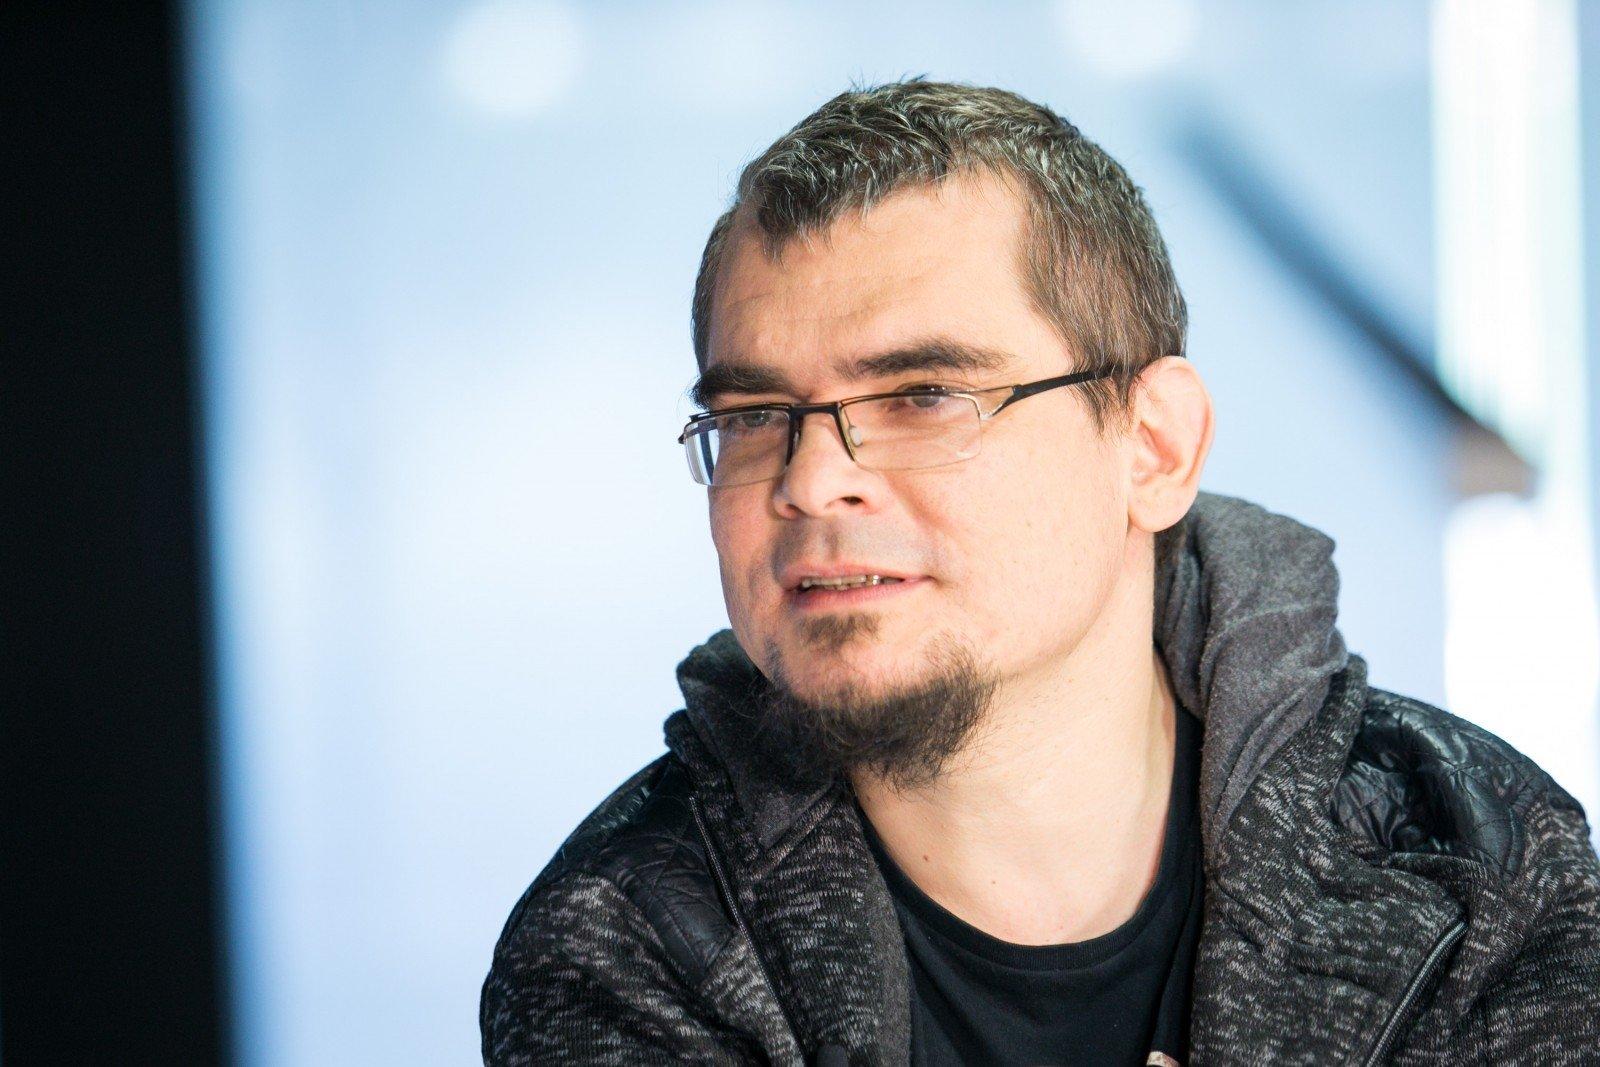 Emilis Velyvis